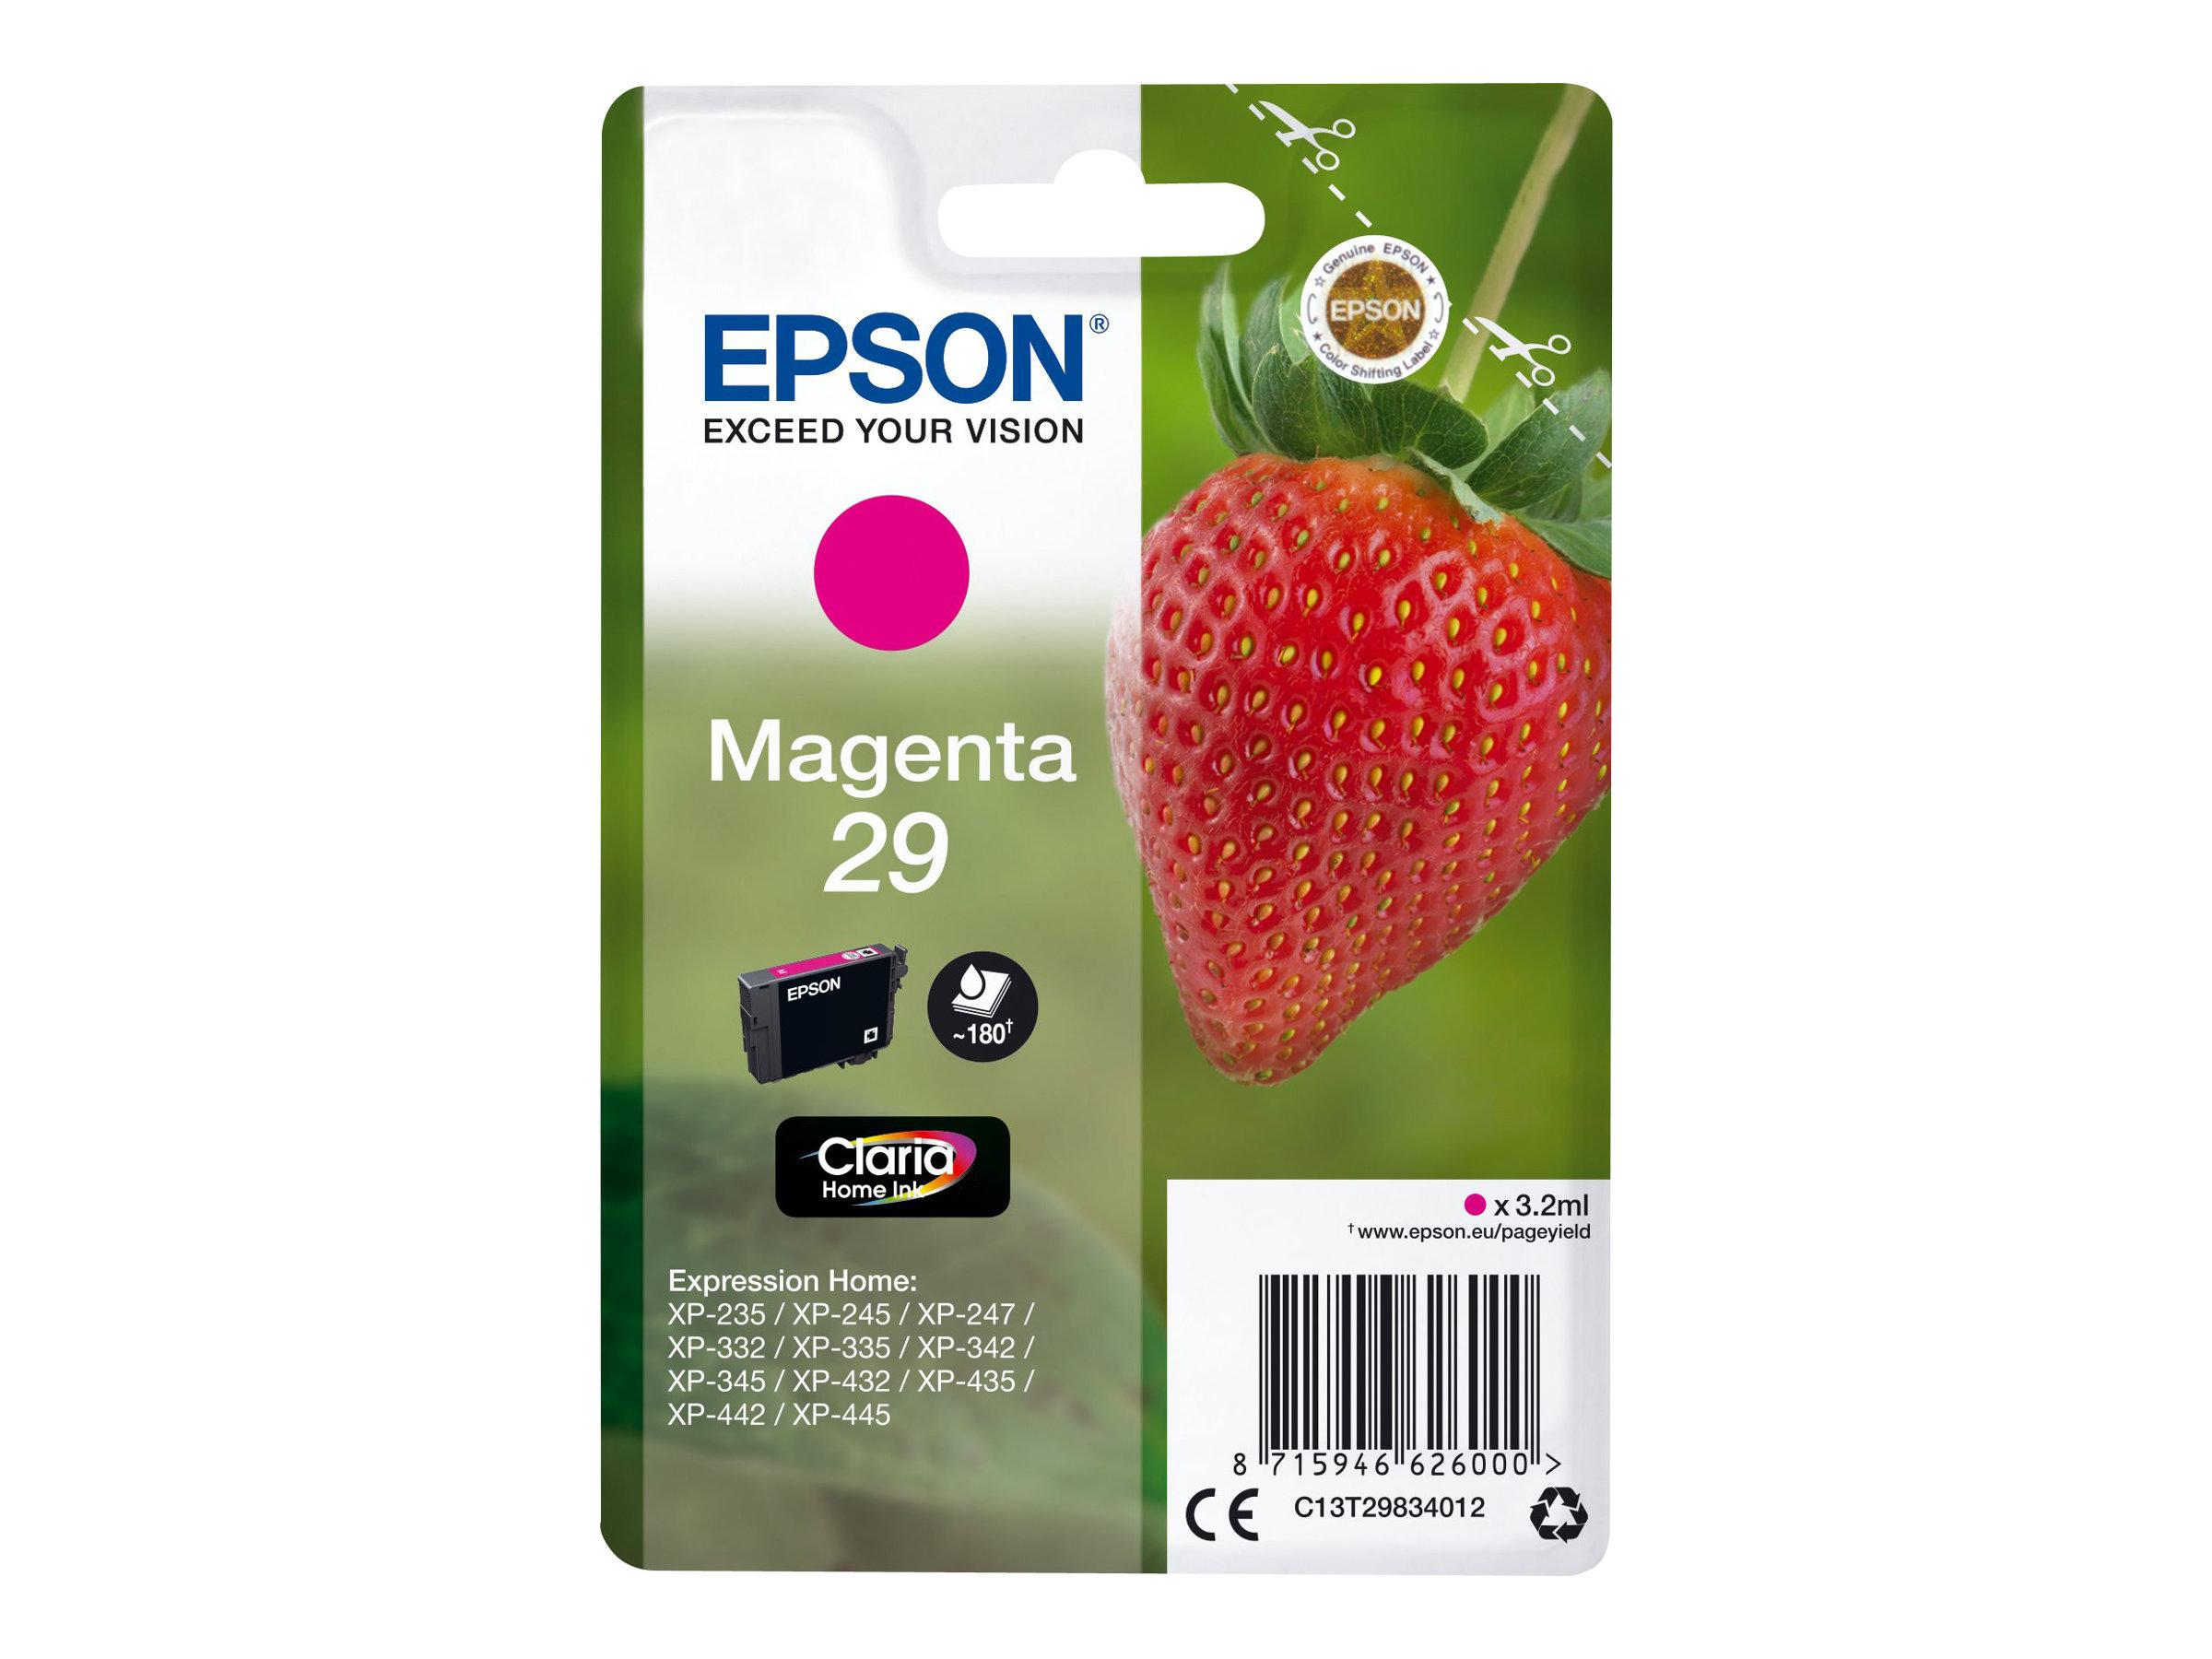 Epson 29 Fraise - magenta - cartouche d'encre originale